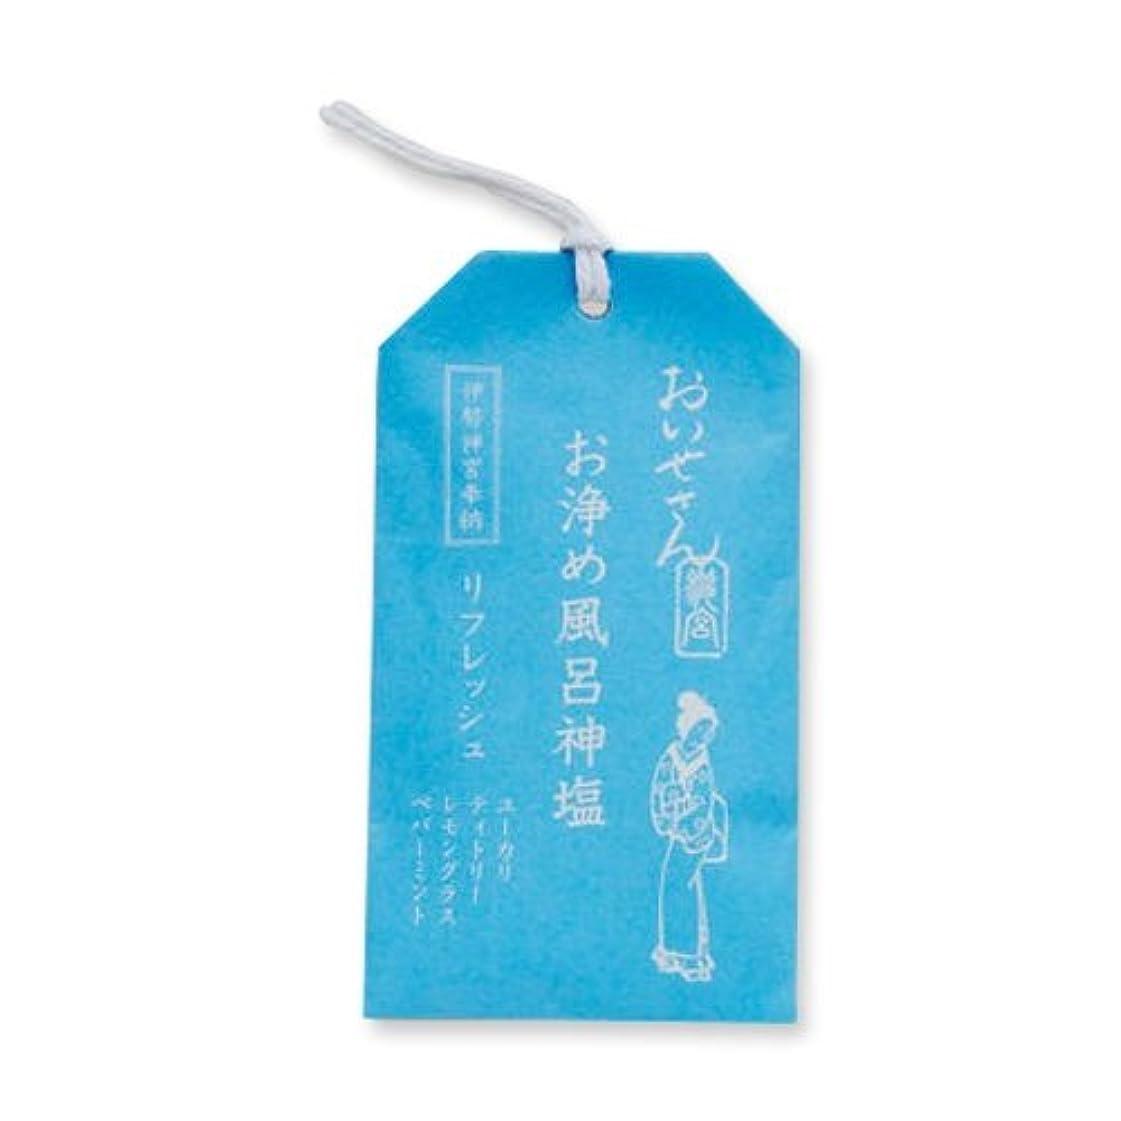 空洞四分円典型的なおいせさん お浄め風呂神塩 バス用ソルト(リフレッシュ) 20g